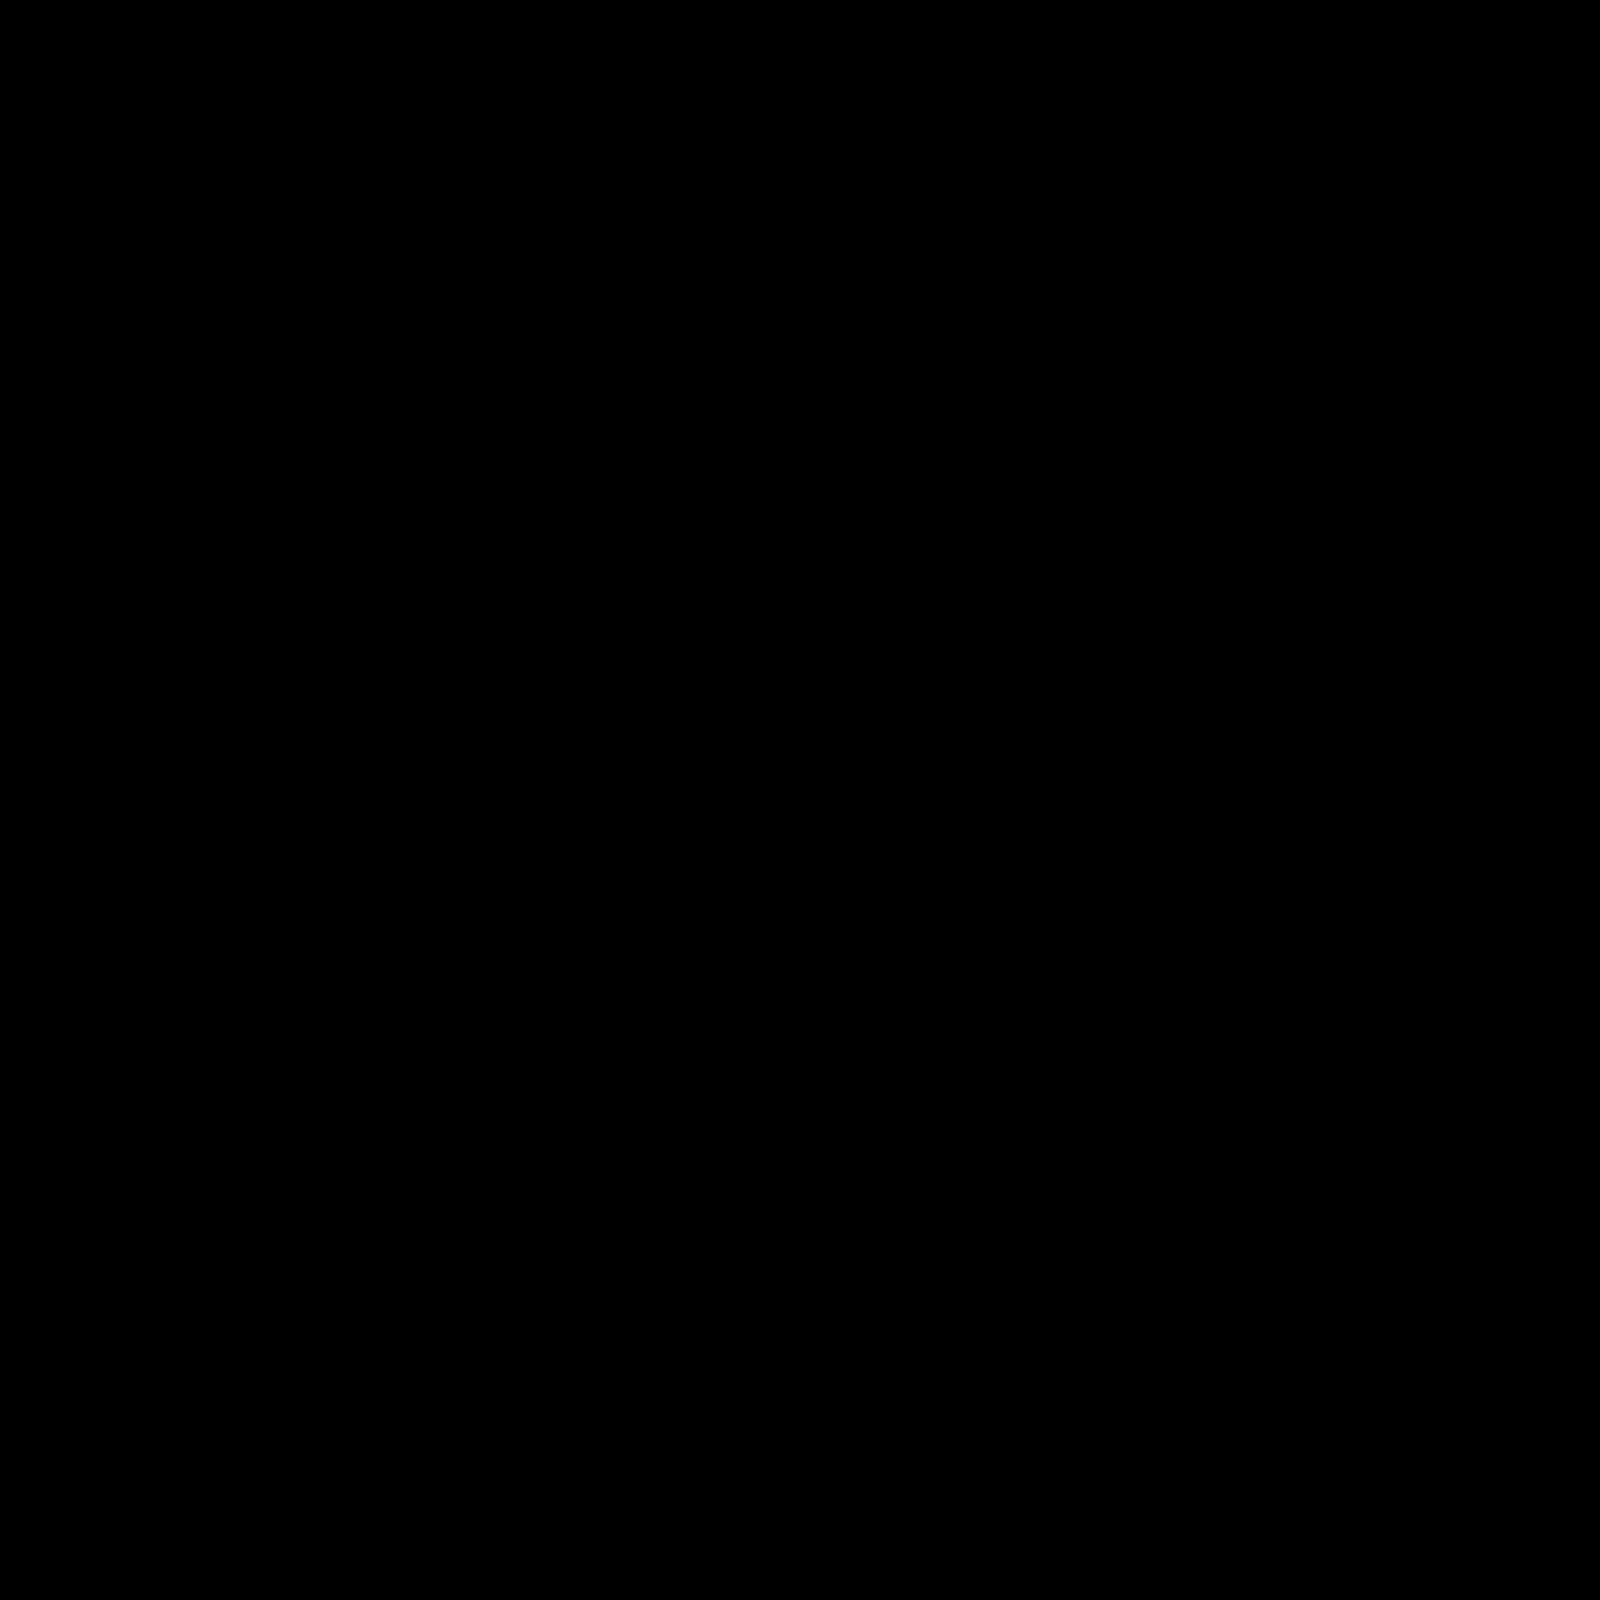 Abwurfgebiet icon